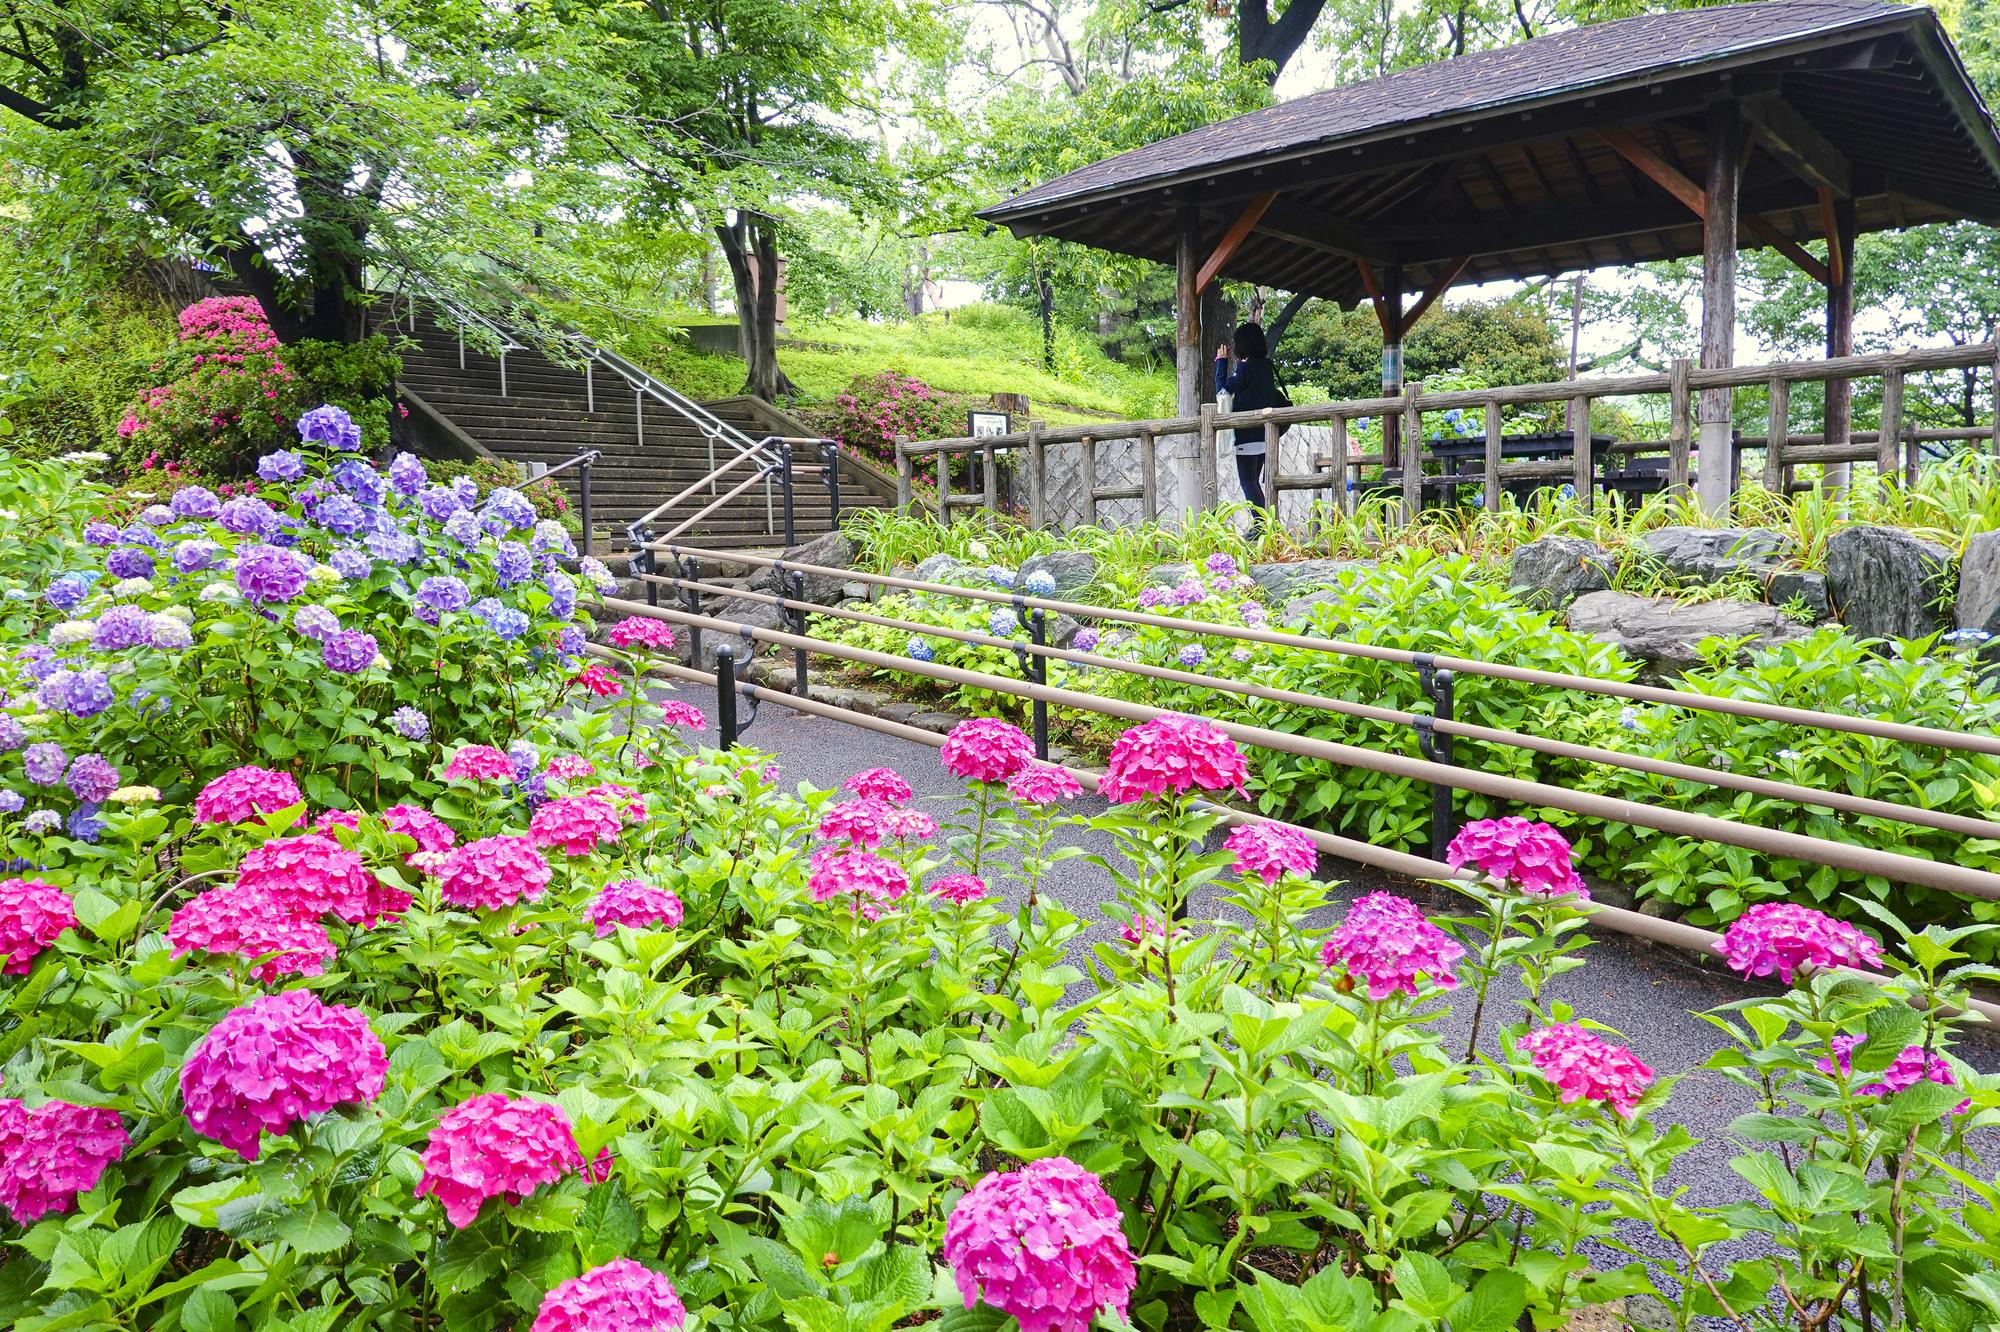 tenjou/PIXTA | Tamagawadai Park